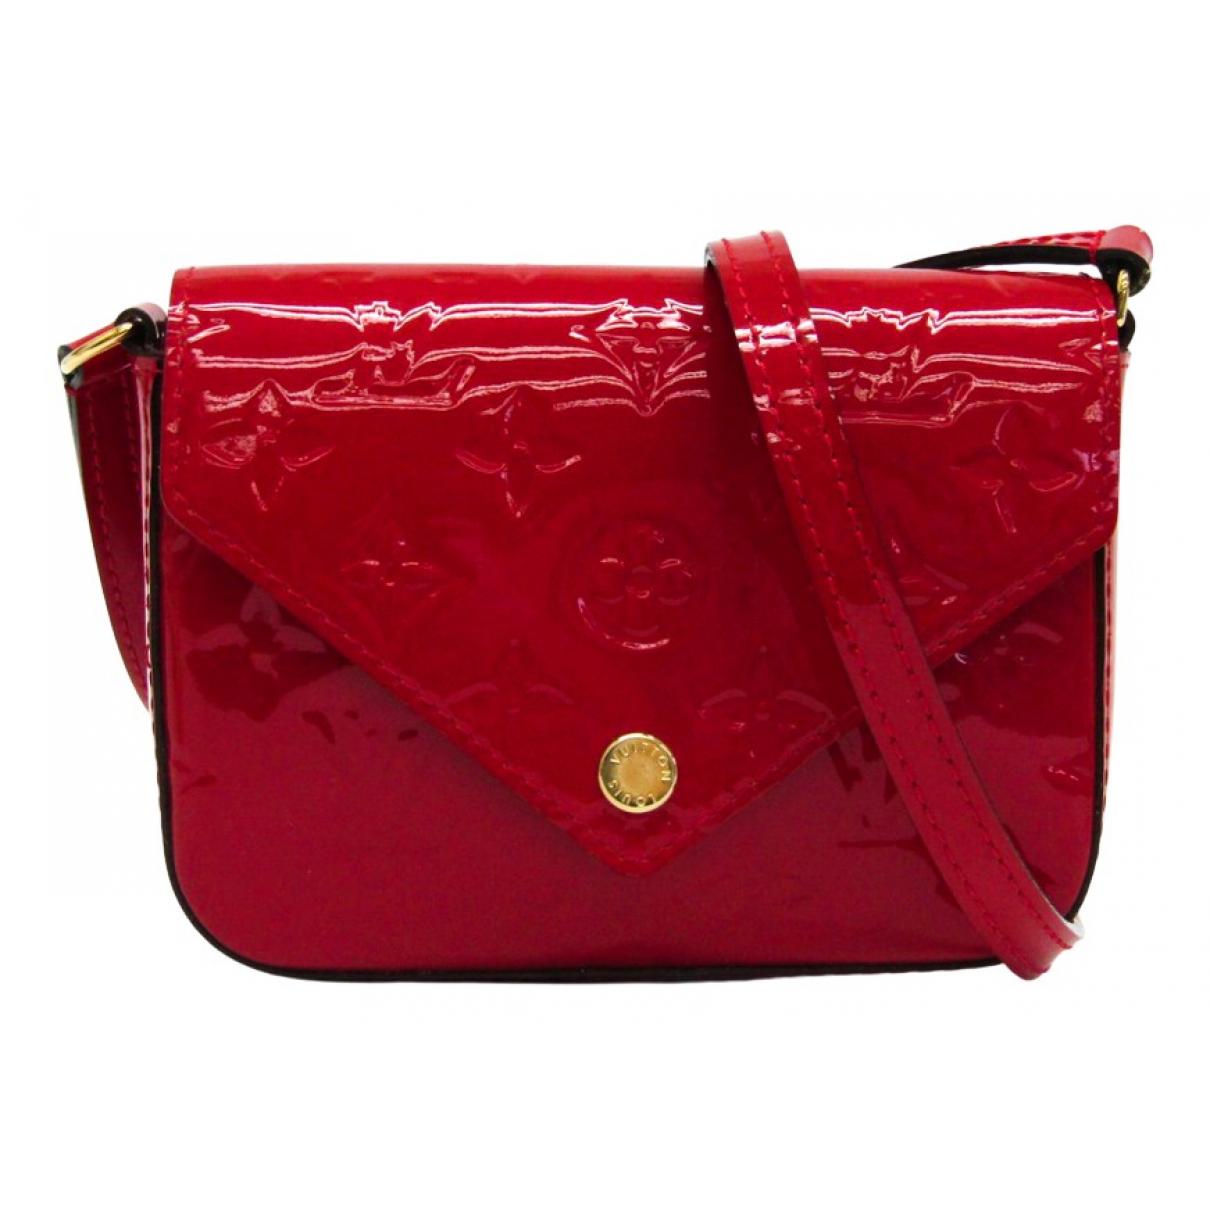 Louis Vuitton - Sac a main   pour femme en cuir verni - rose